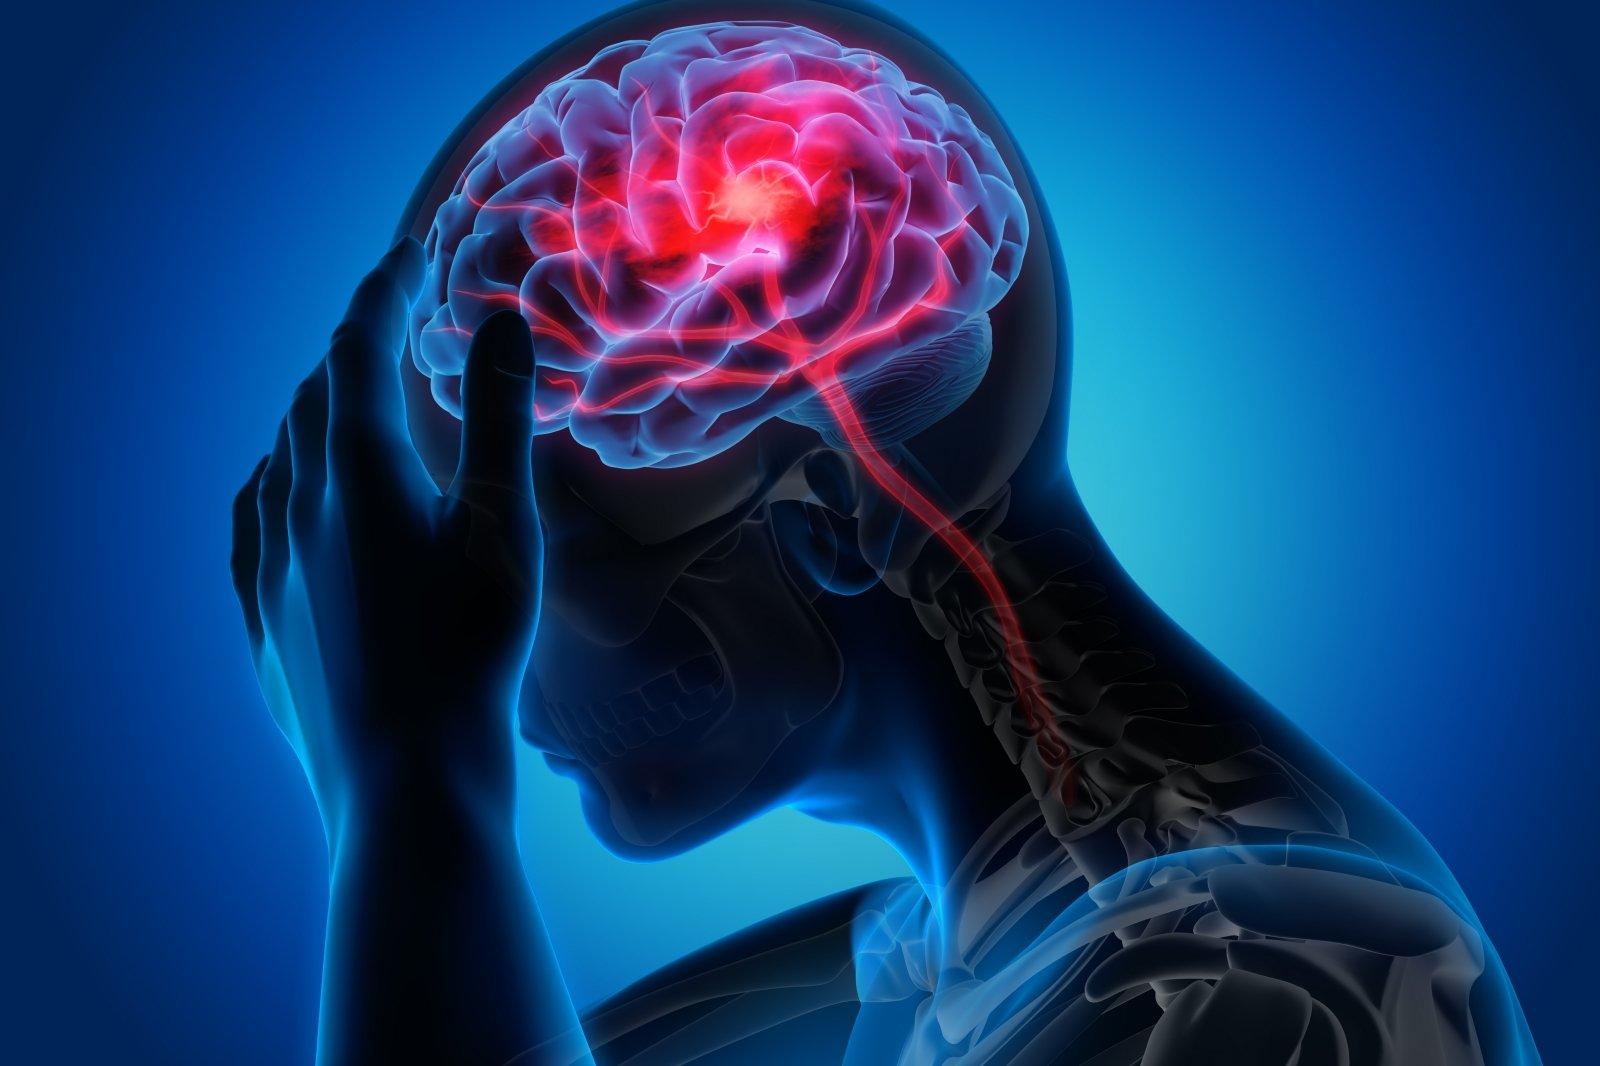 tempimo sąnarių skausmą stiprus skausmas į petį sulyginti gydymas liaudies gynimo